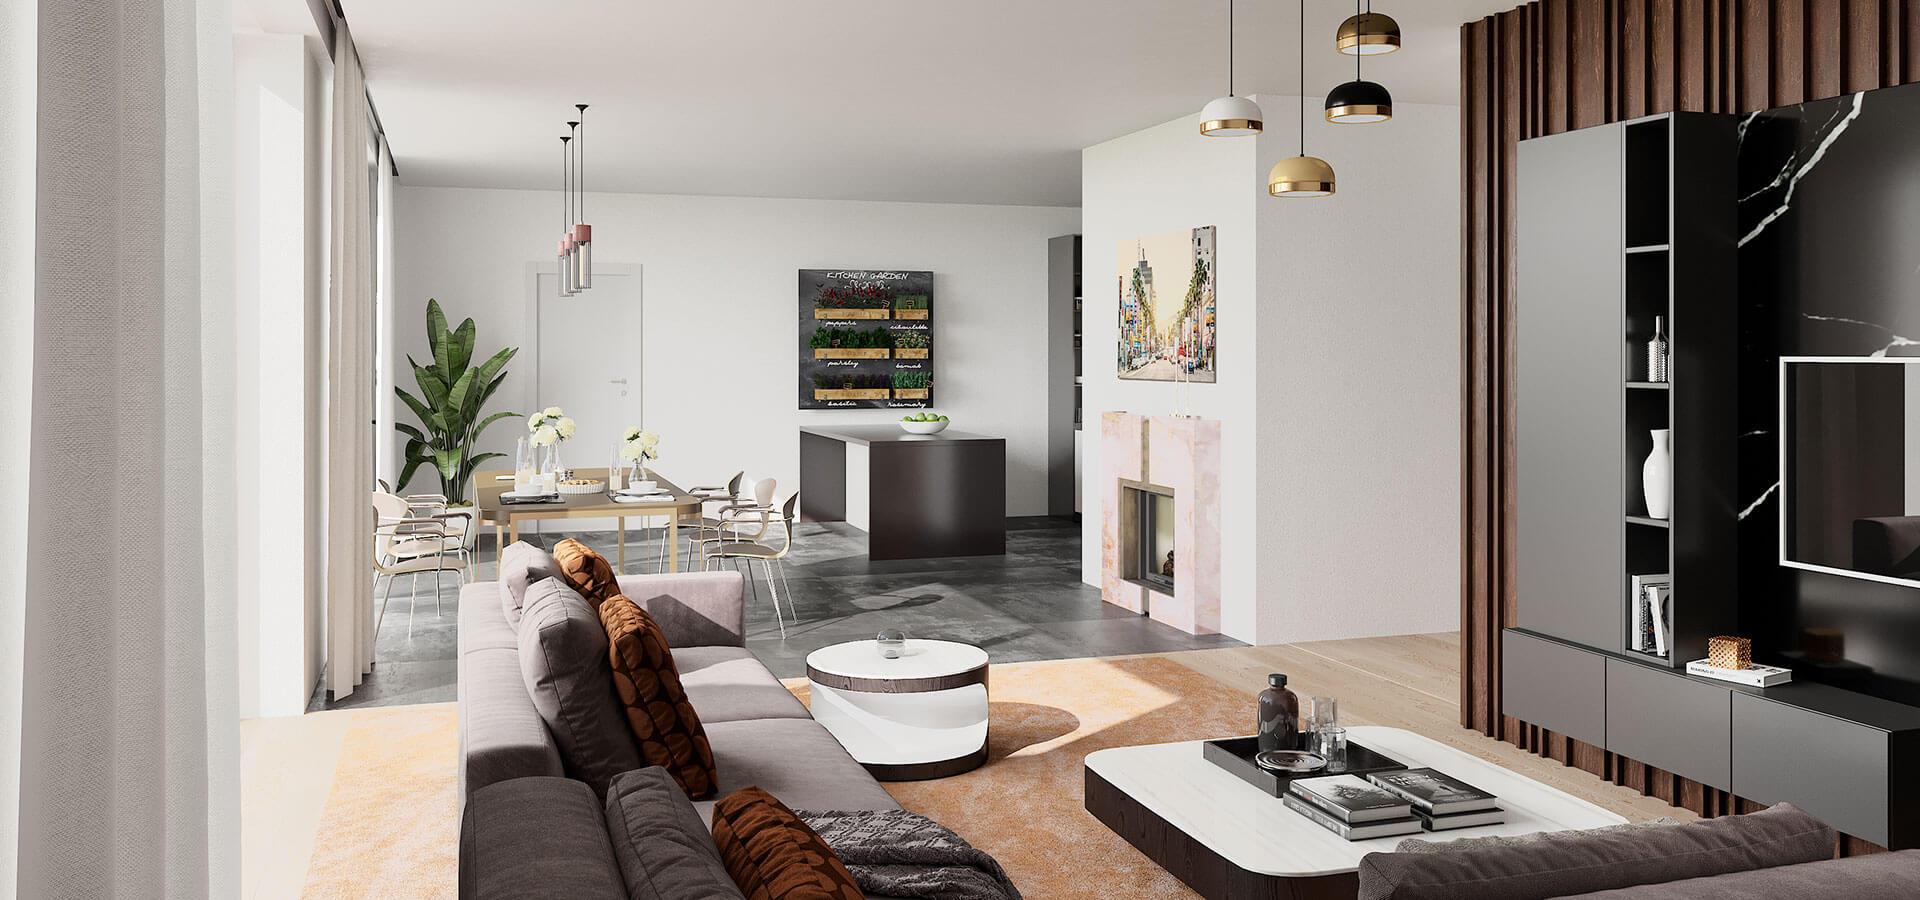 Beispielansicht Wohn- und Essbereich | Frankenresidenz Entensee | Frankenresidenz